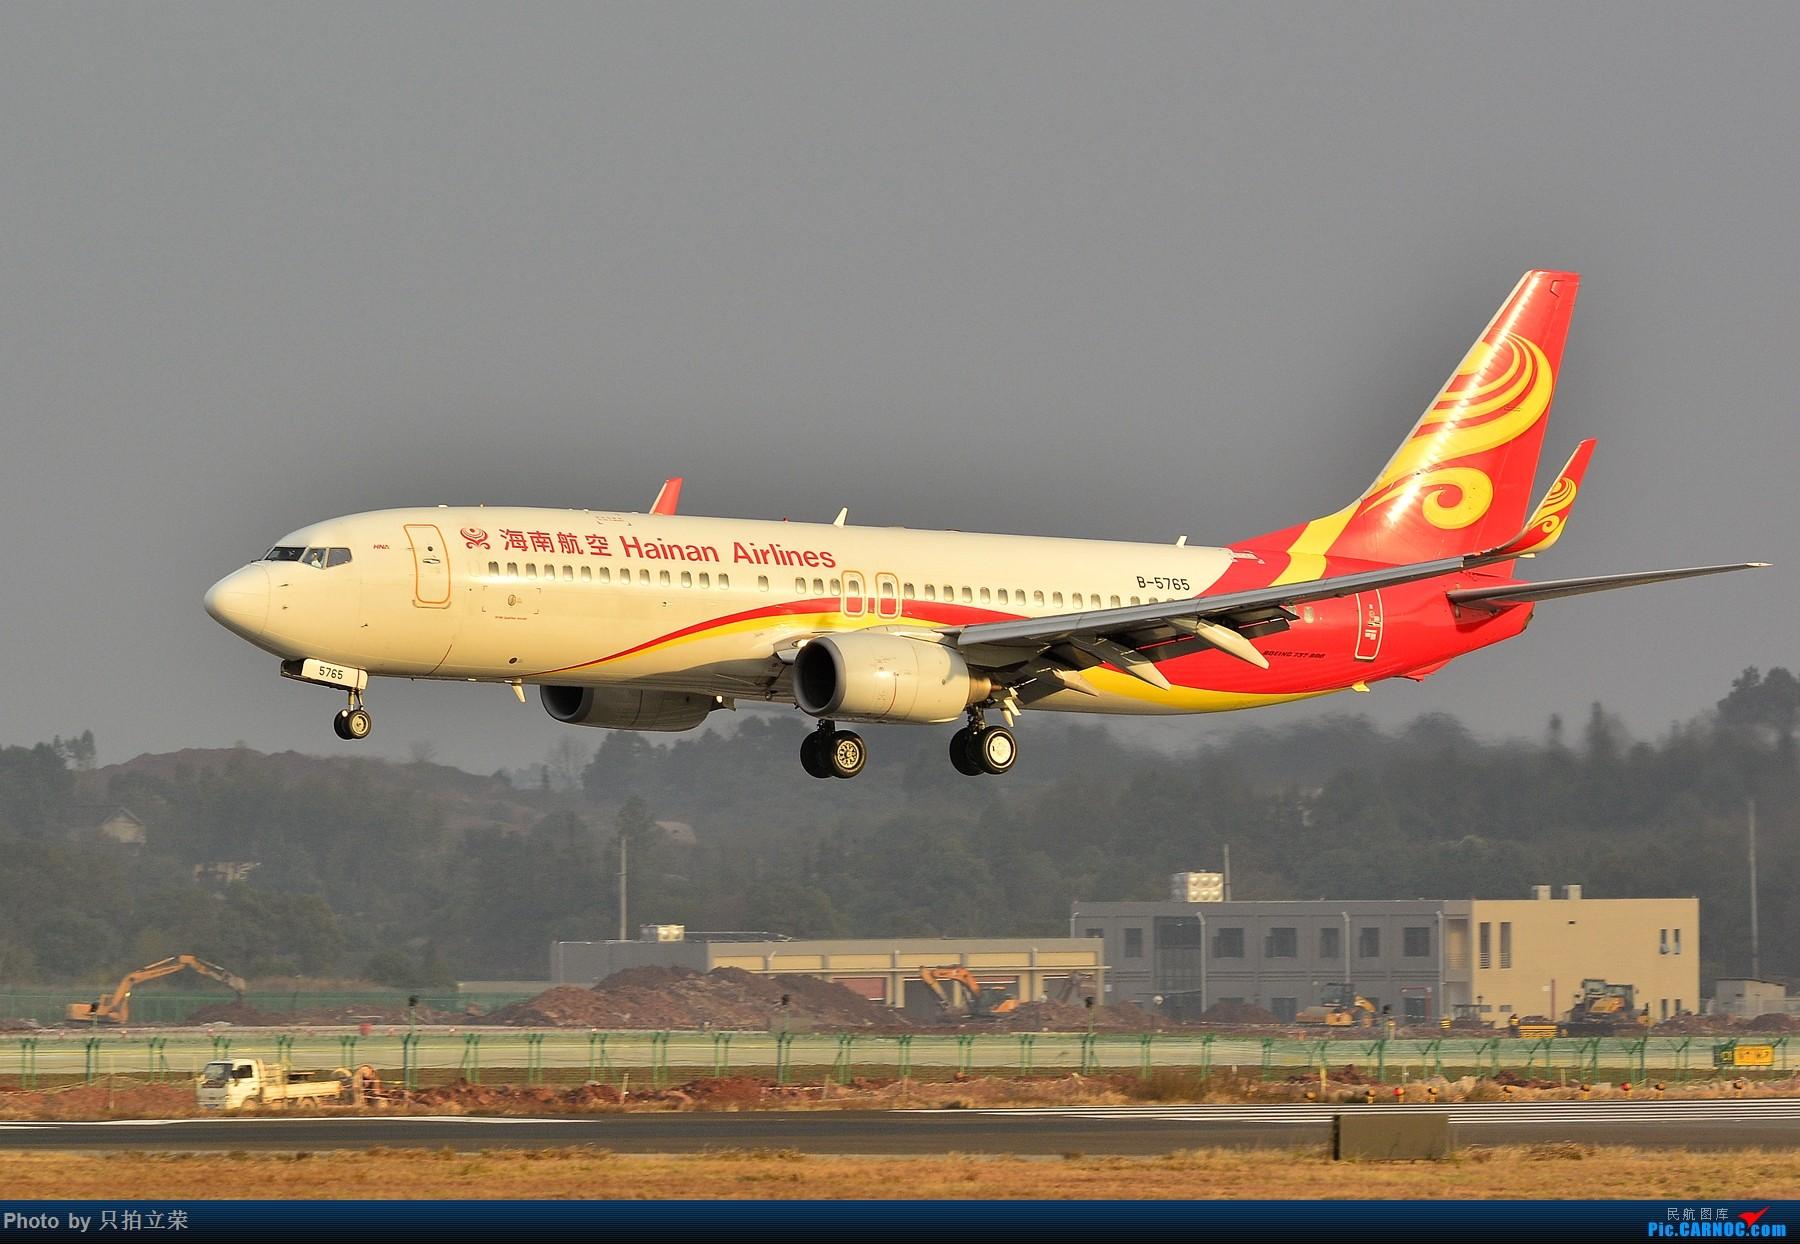 Re:[原创]长沙飞友会之--很久没拍机了,只拍立荣重回黄花! BOEING 737-800 B-5765 中国长沙黄花国际机场